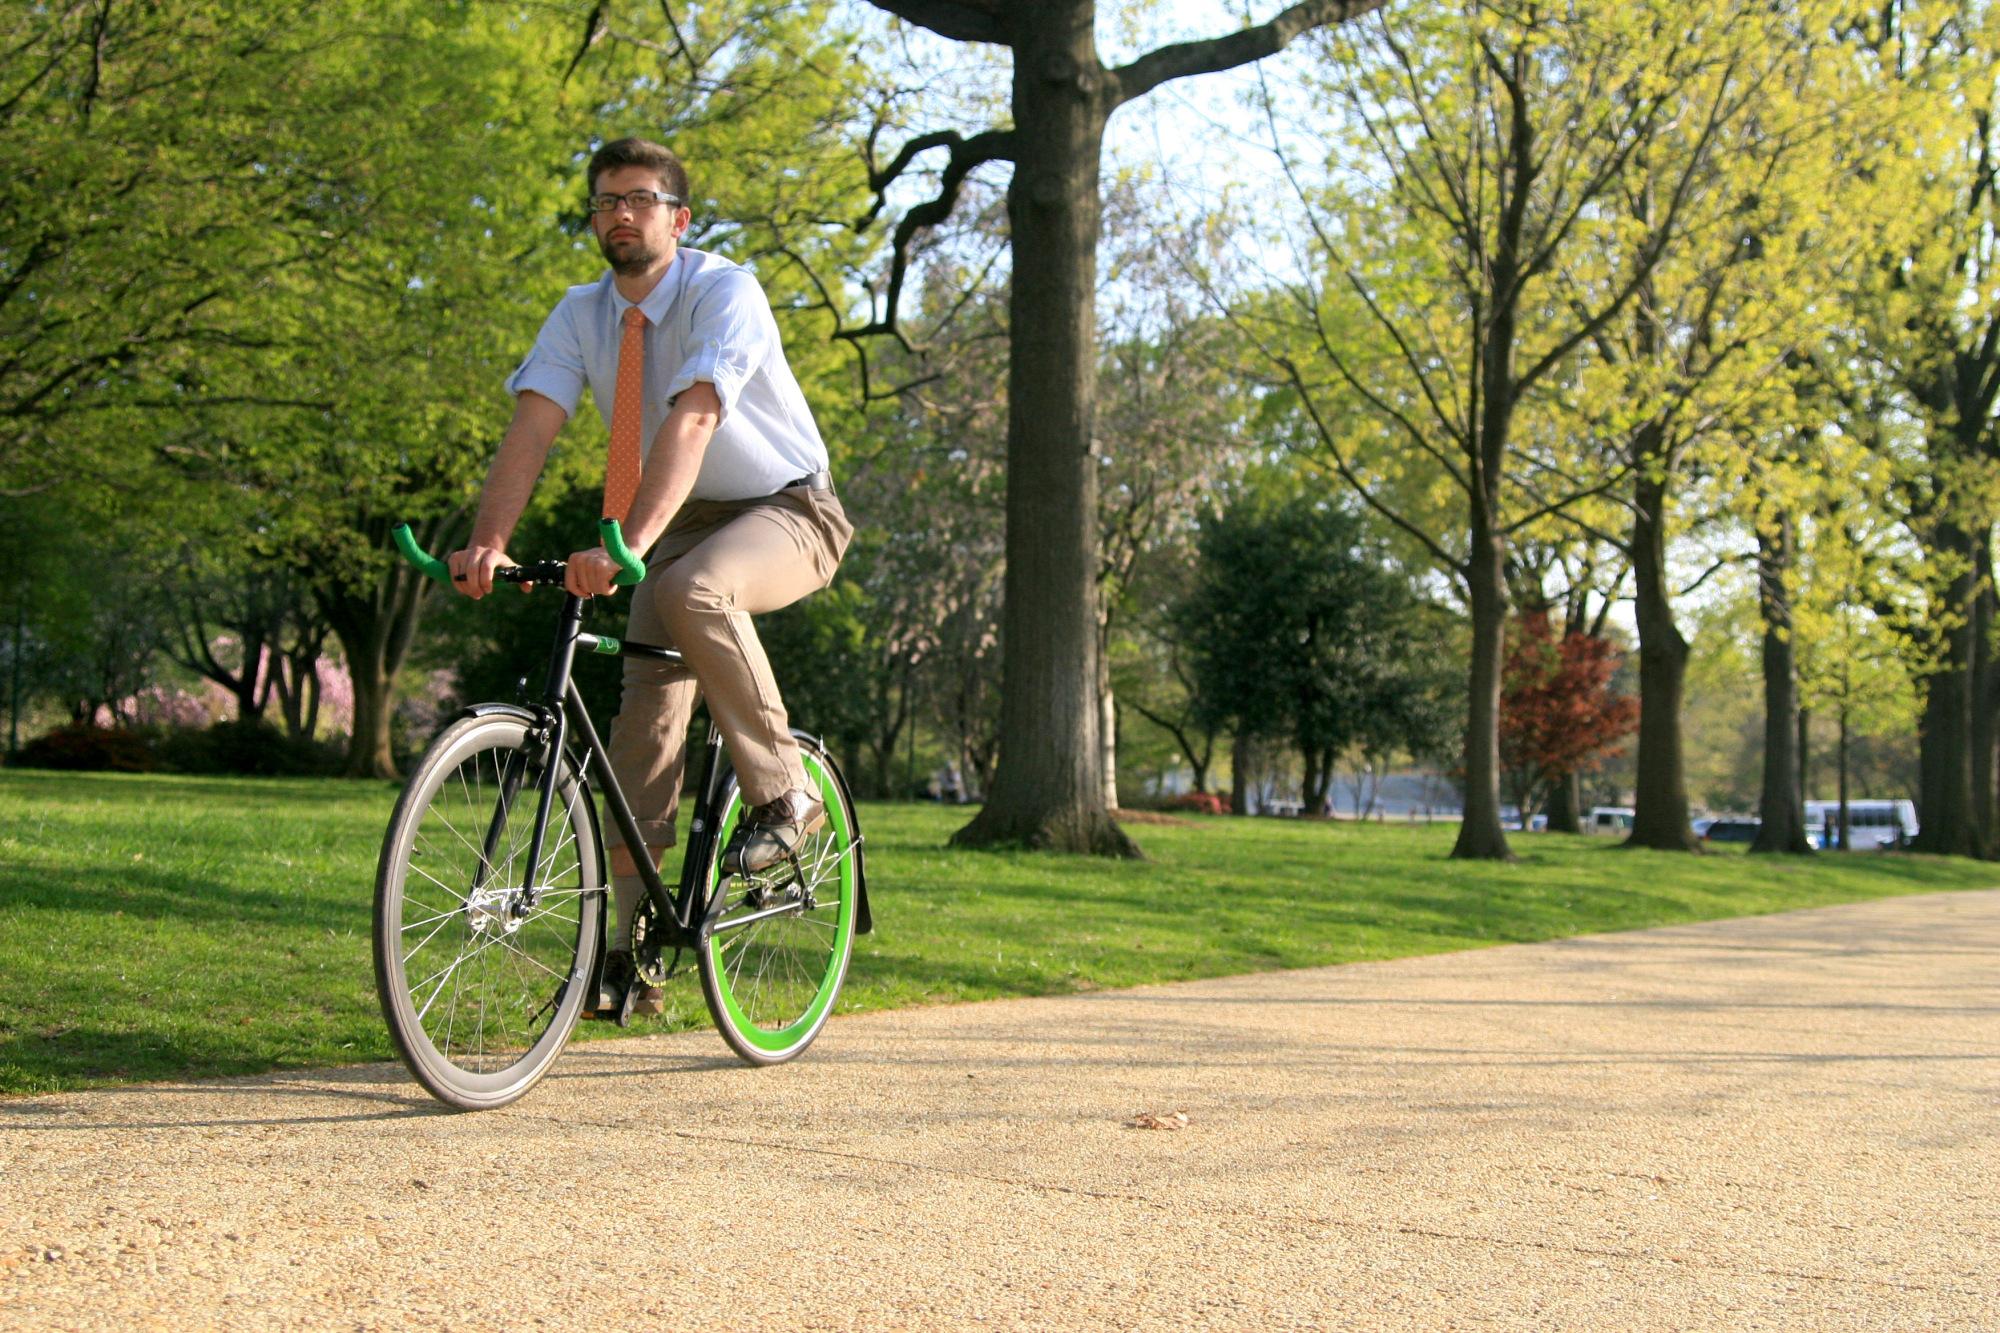 biking-louisiana-ave-ne.jpg